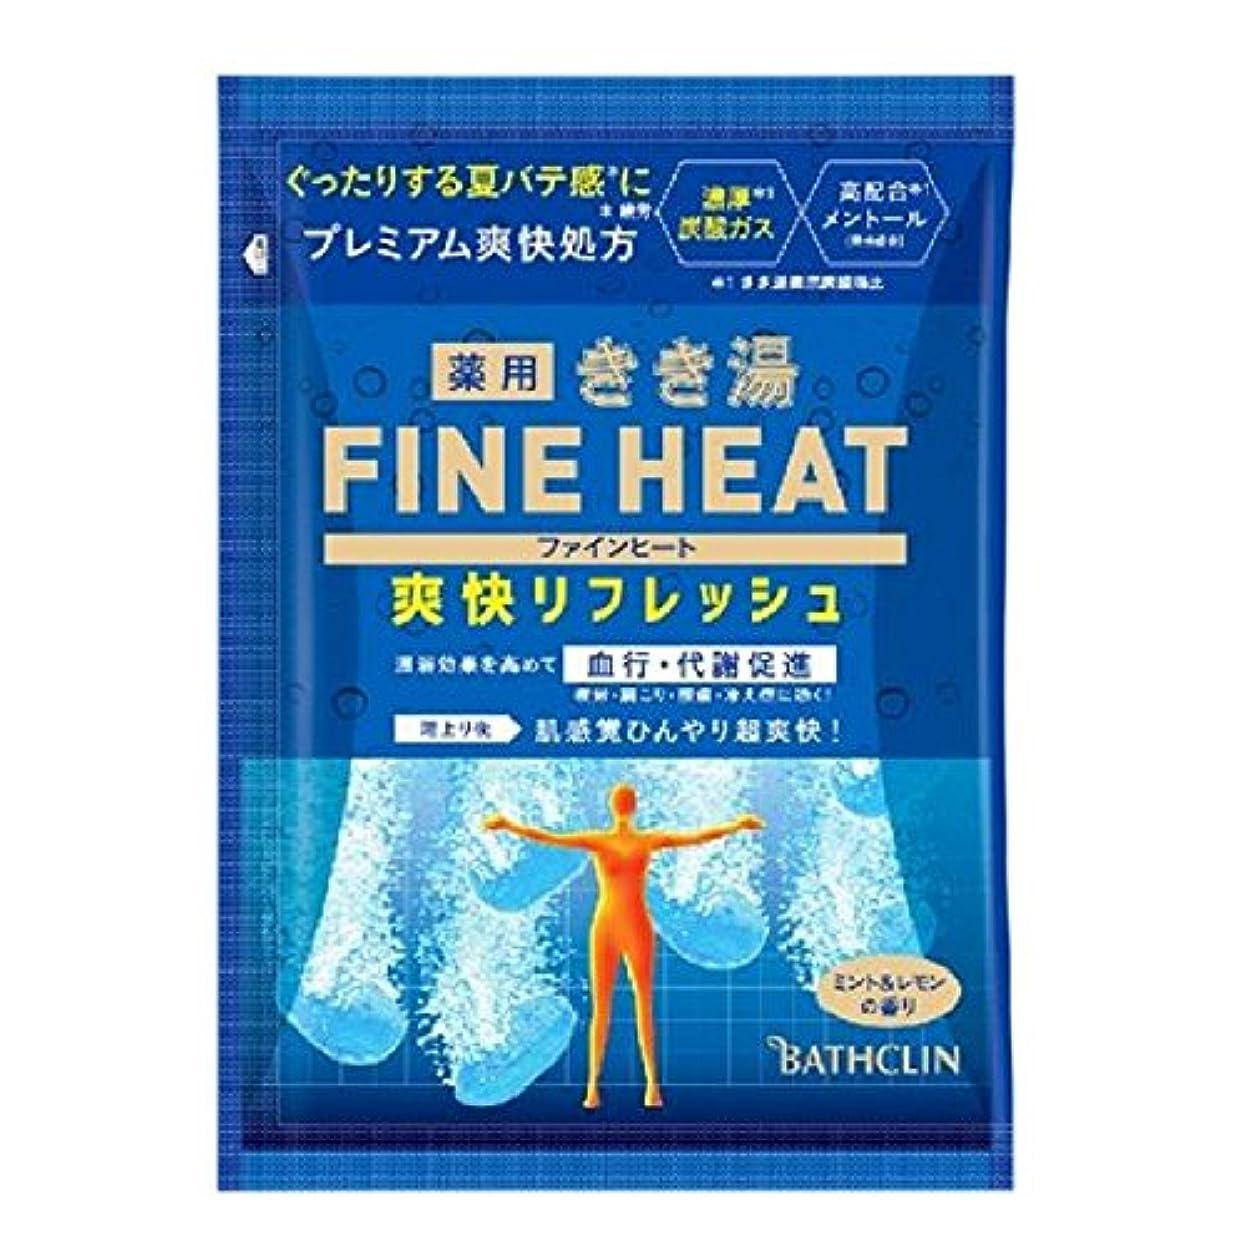 きき湯ファインヒート ファインヒート(FINE HEAT) 爽快リフレッシュ ミント&レモンの香り 50g